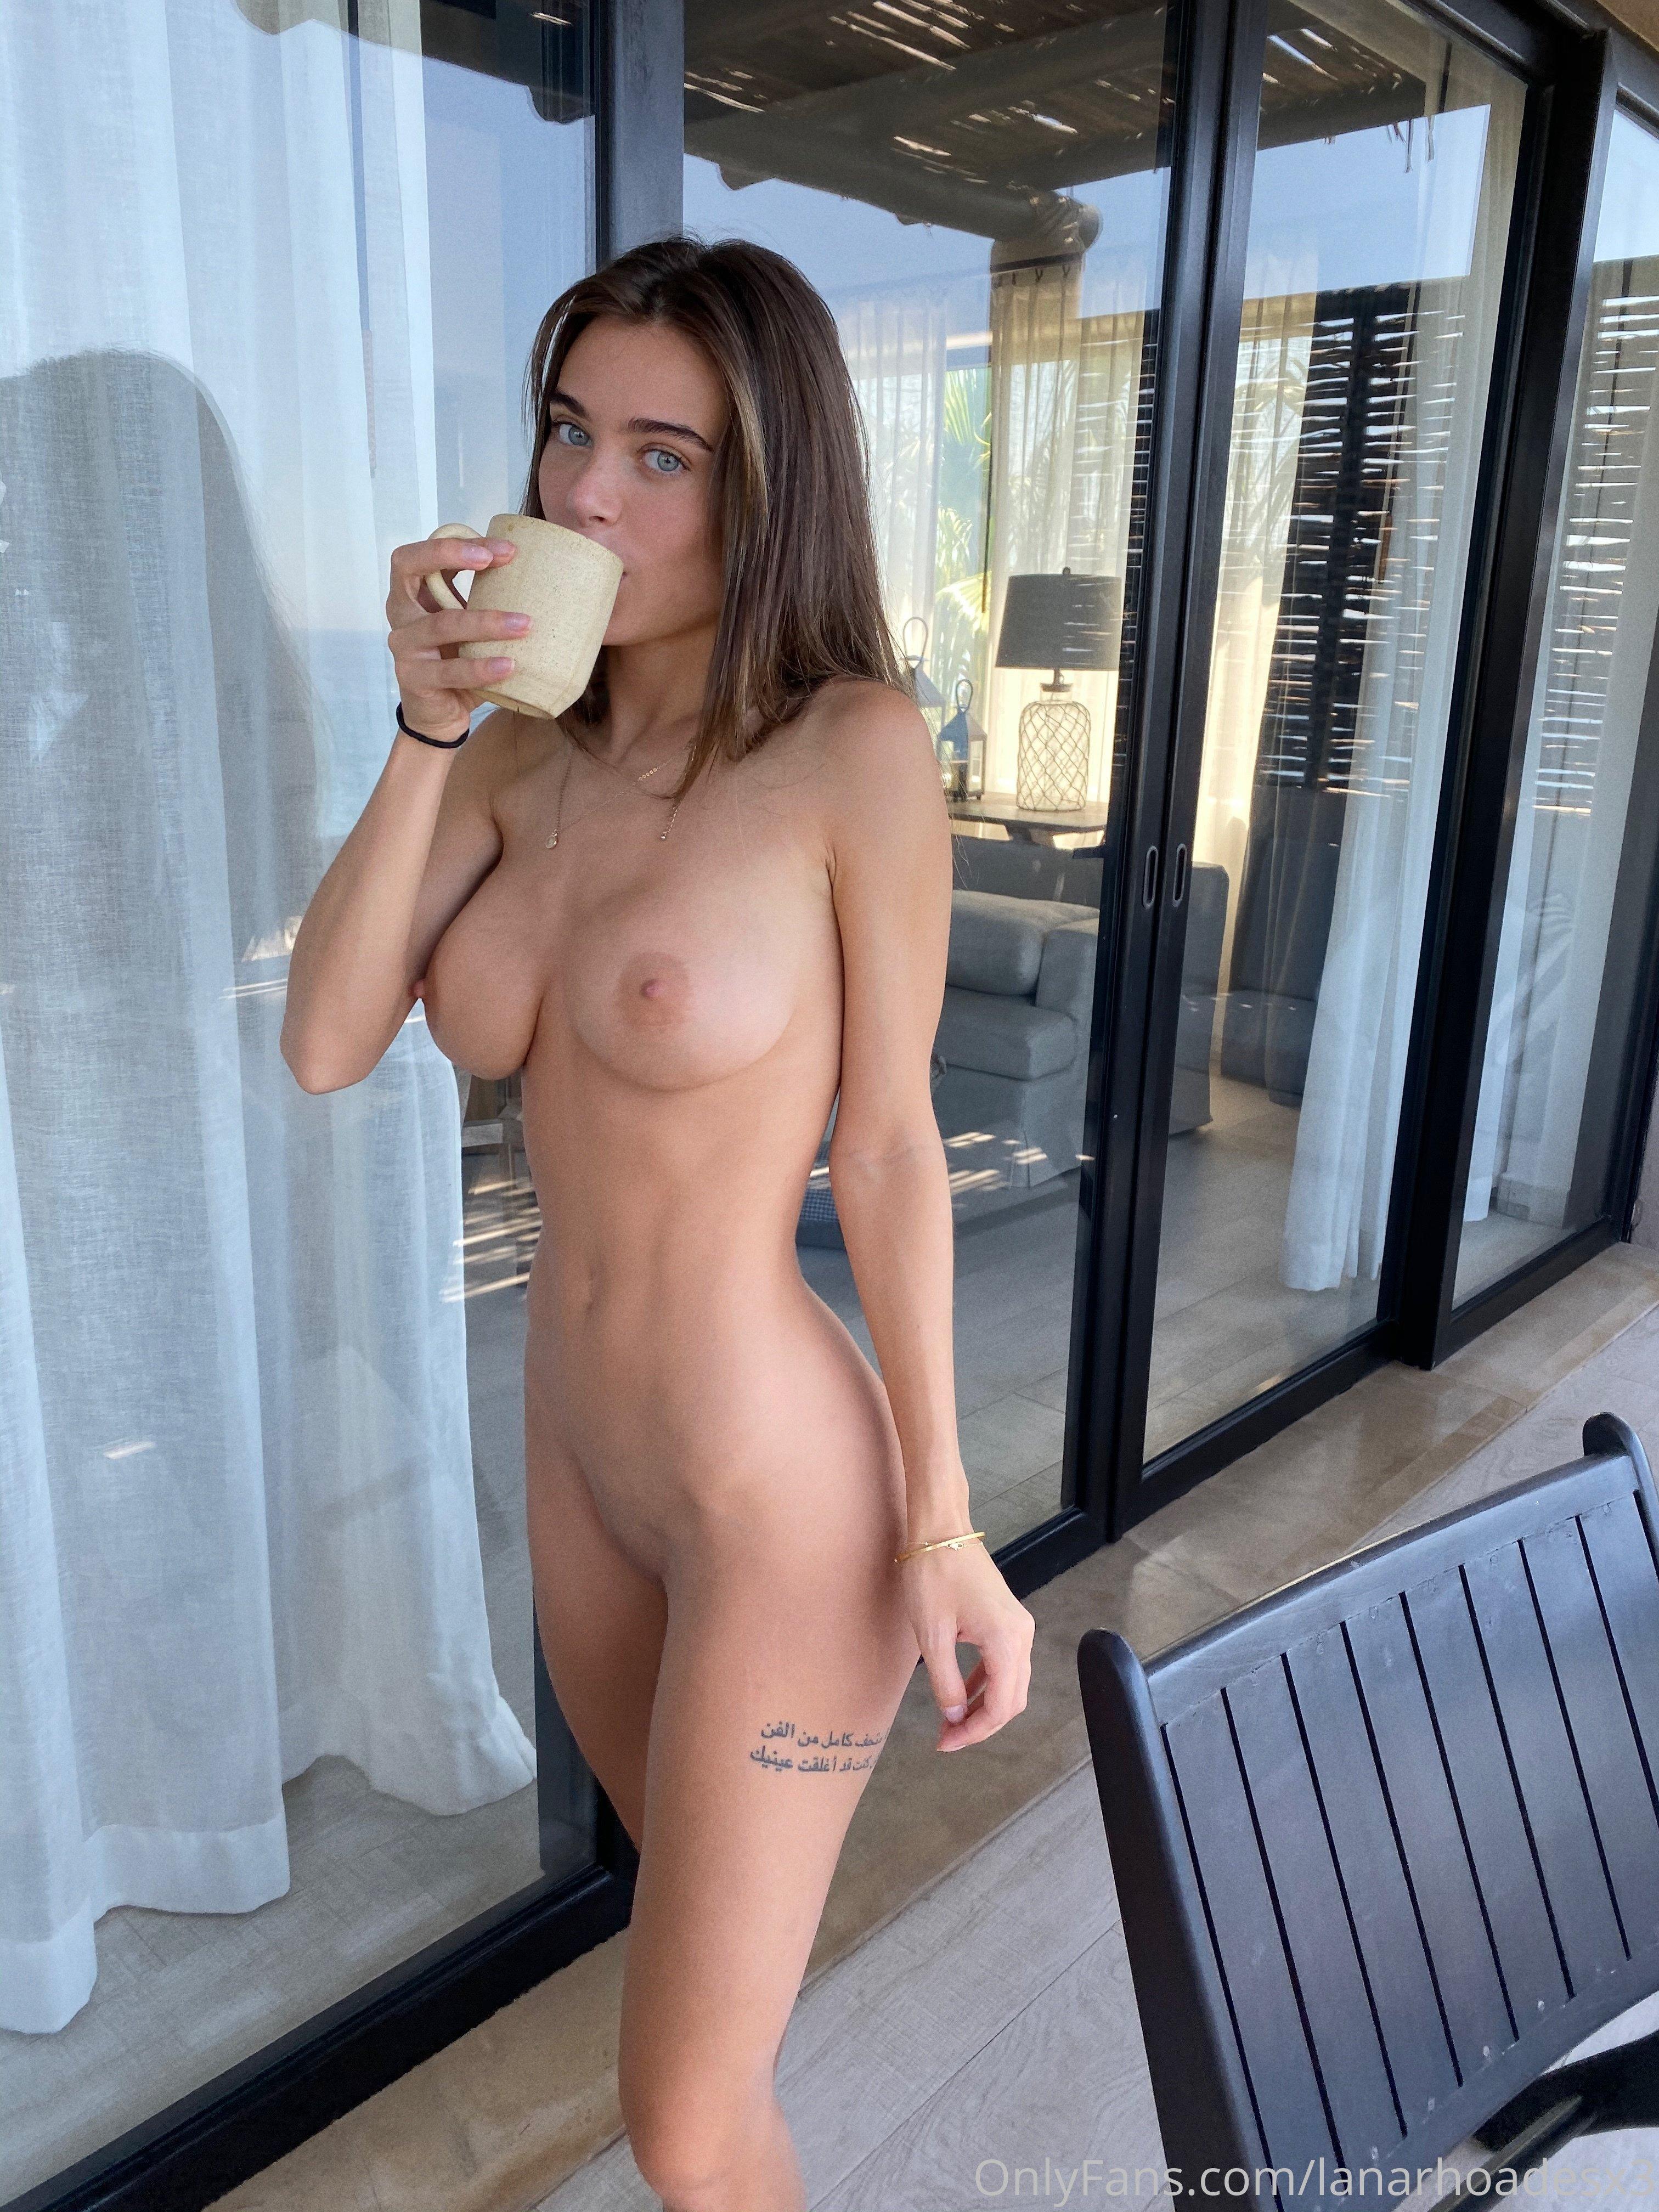 Lana Rhoades, Lanarhoades, Onlyfans Nude Leaks 0014